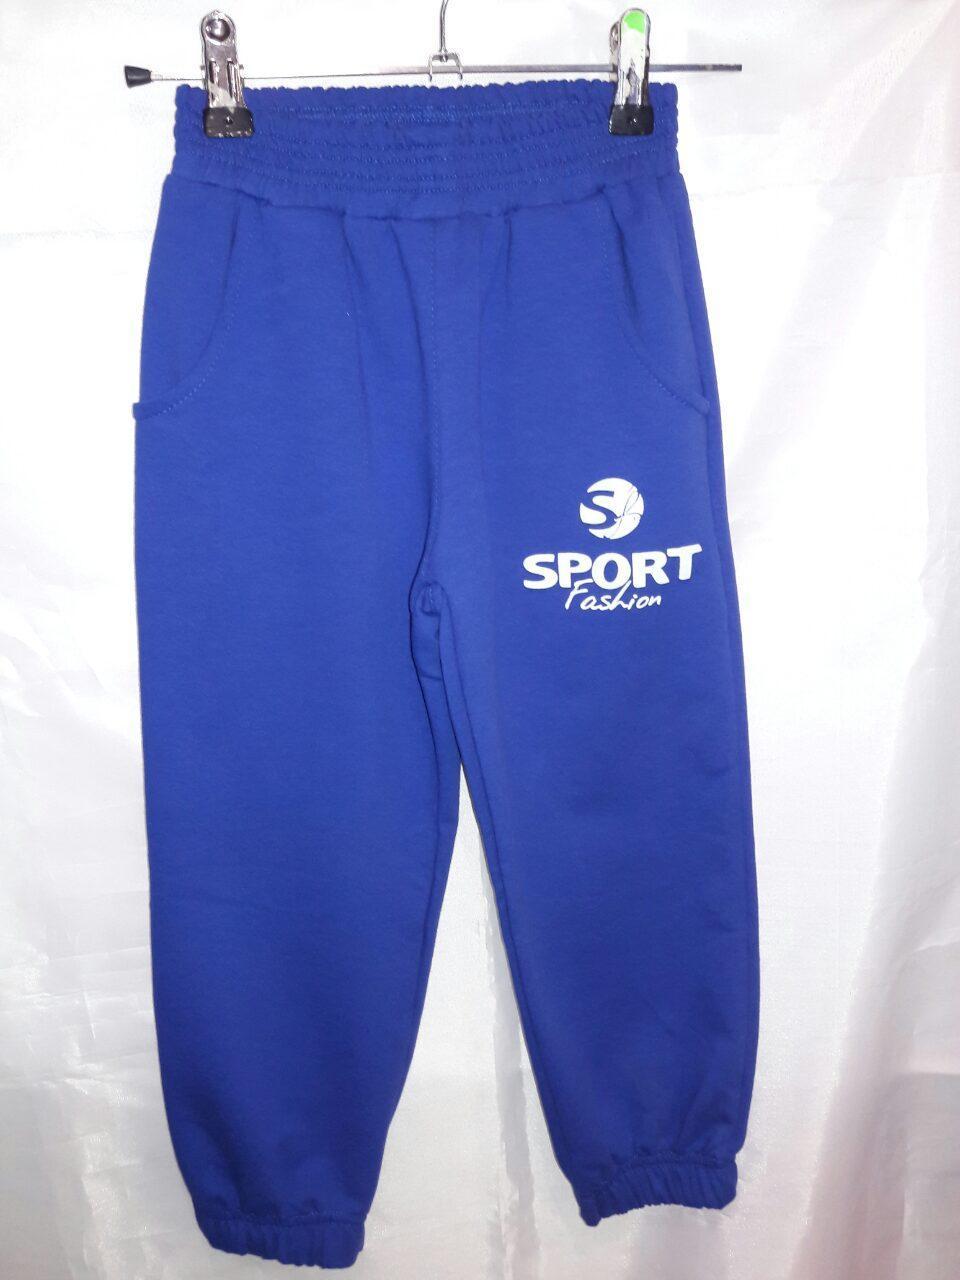 Детские спортивные штаны Sport Fashion 92-116 рр. - Гипермаркет товаров. Цены от производителя! в Одессе